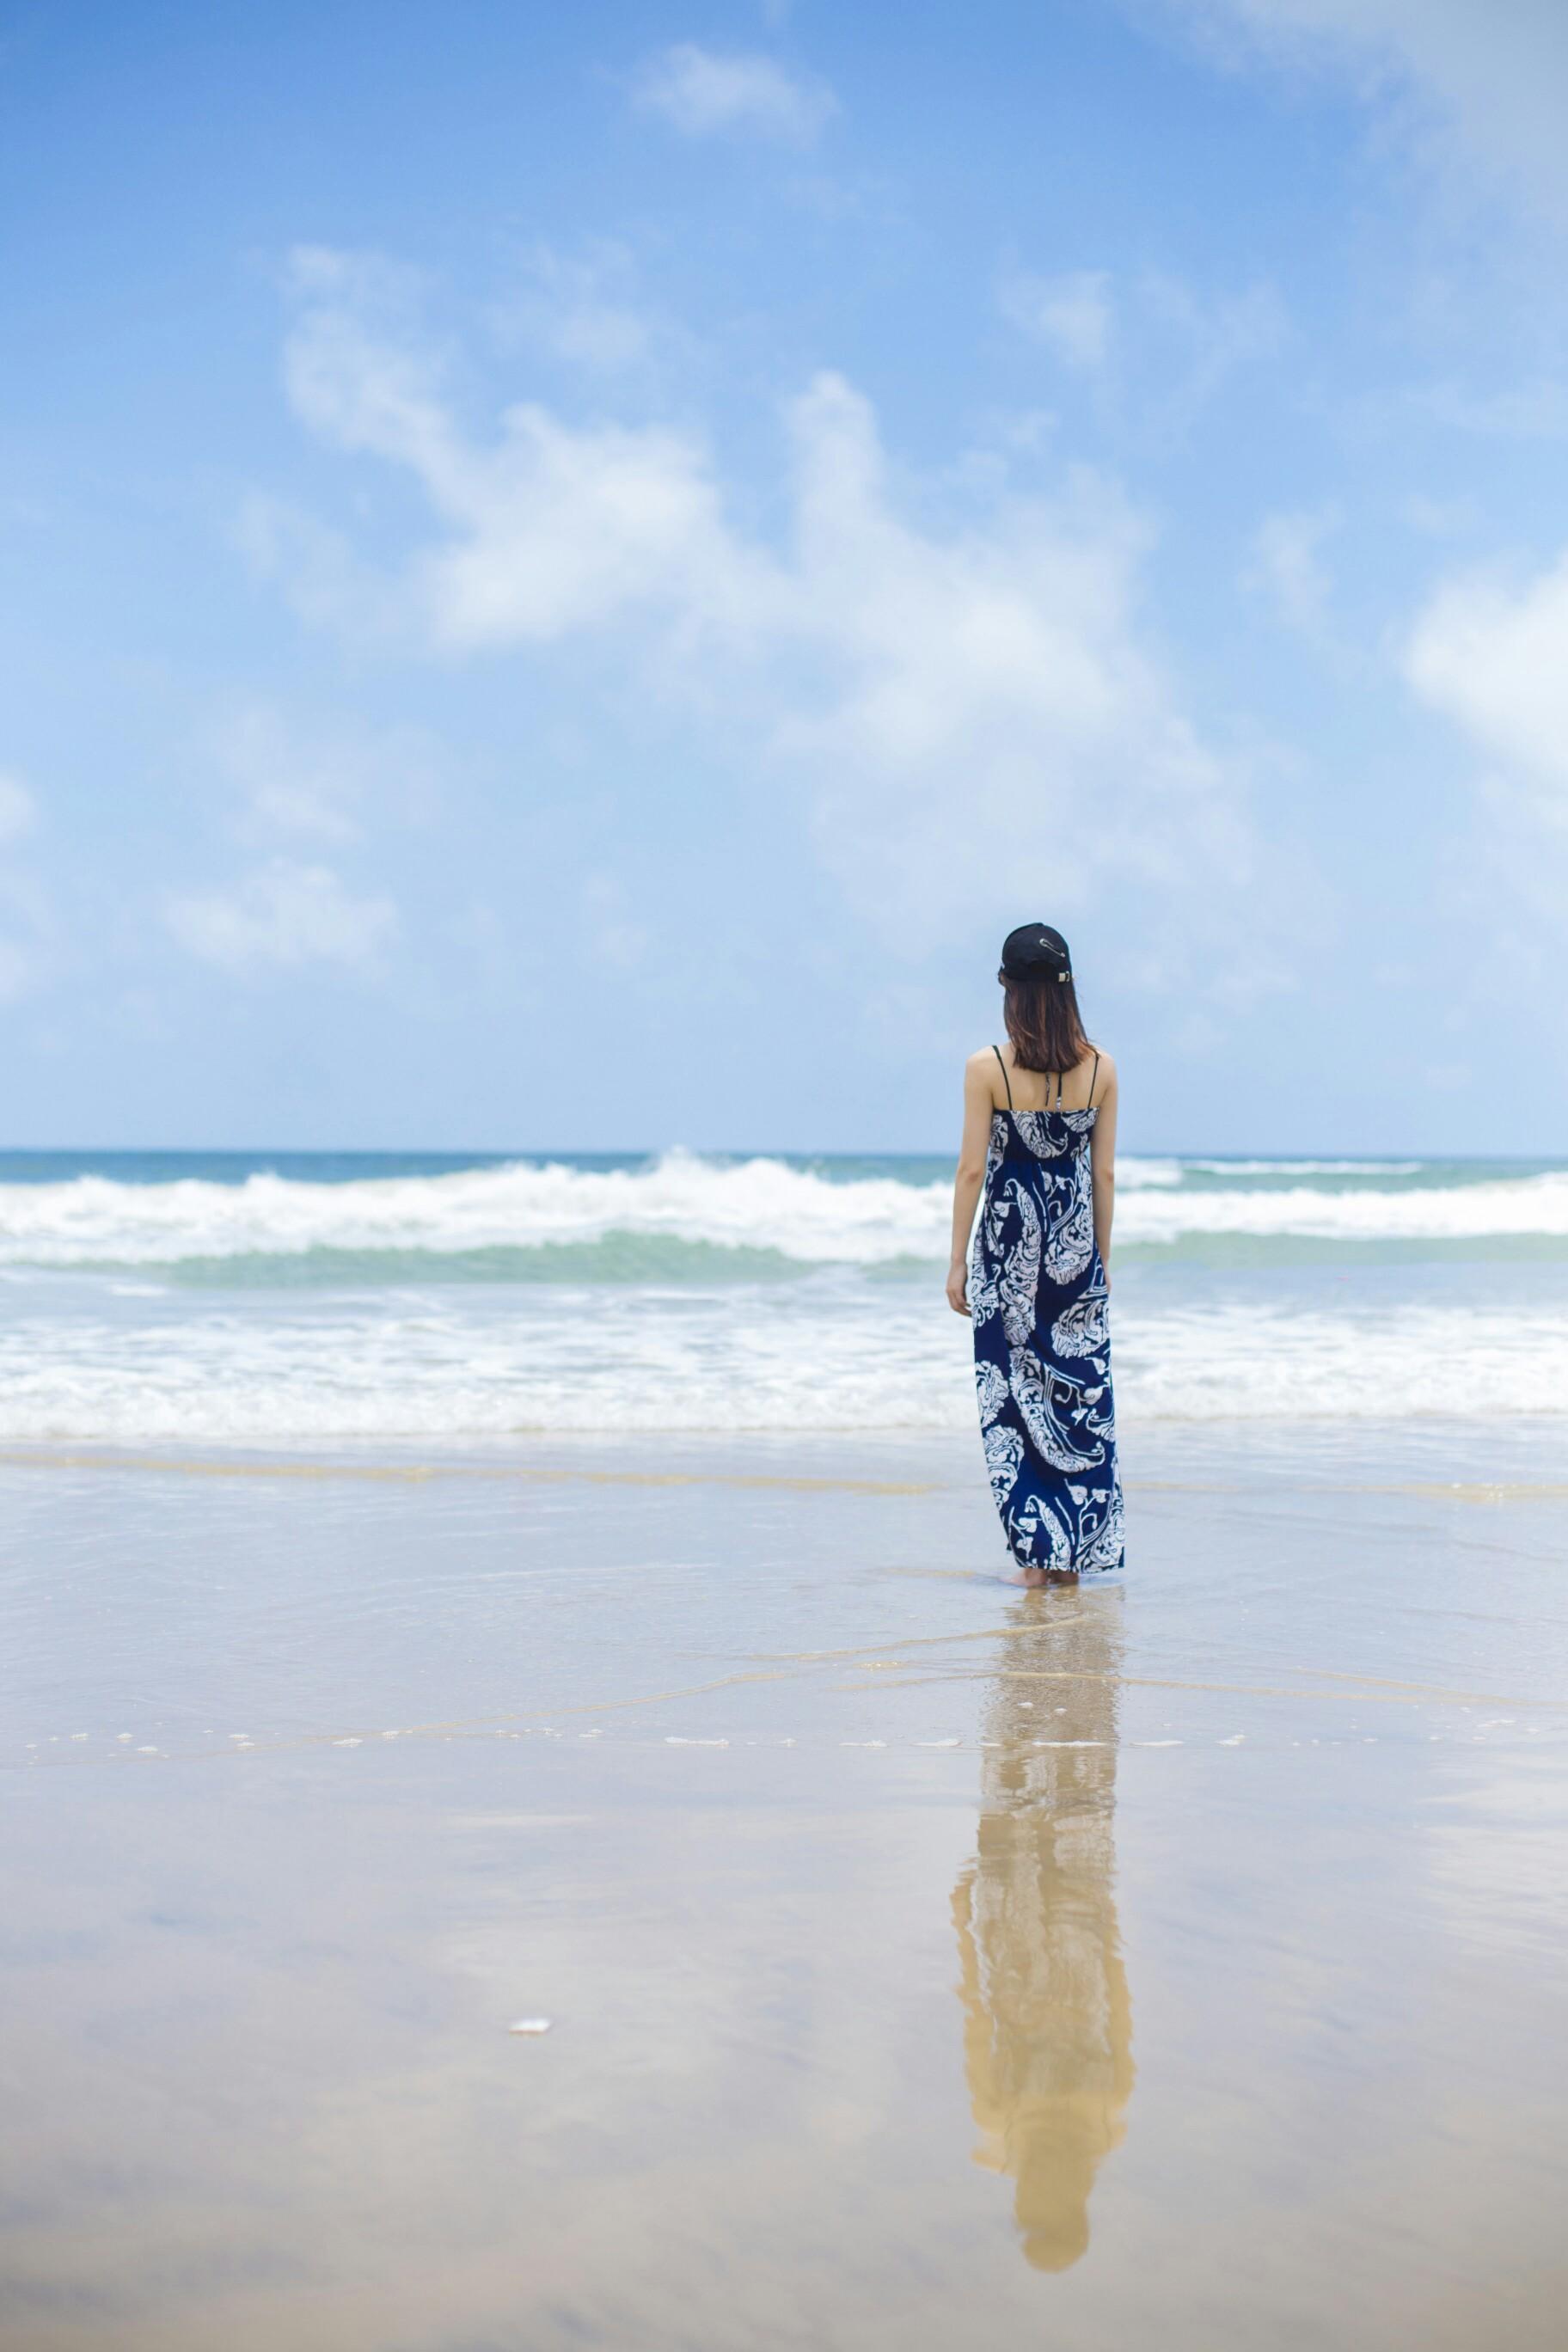 蓝天,白云,大海